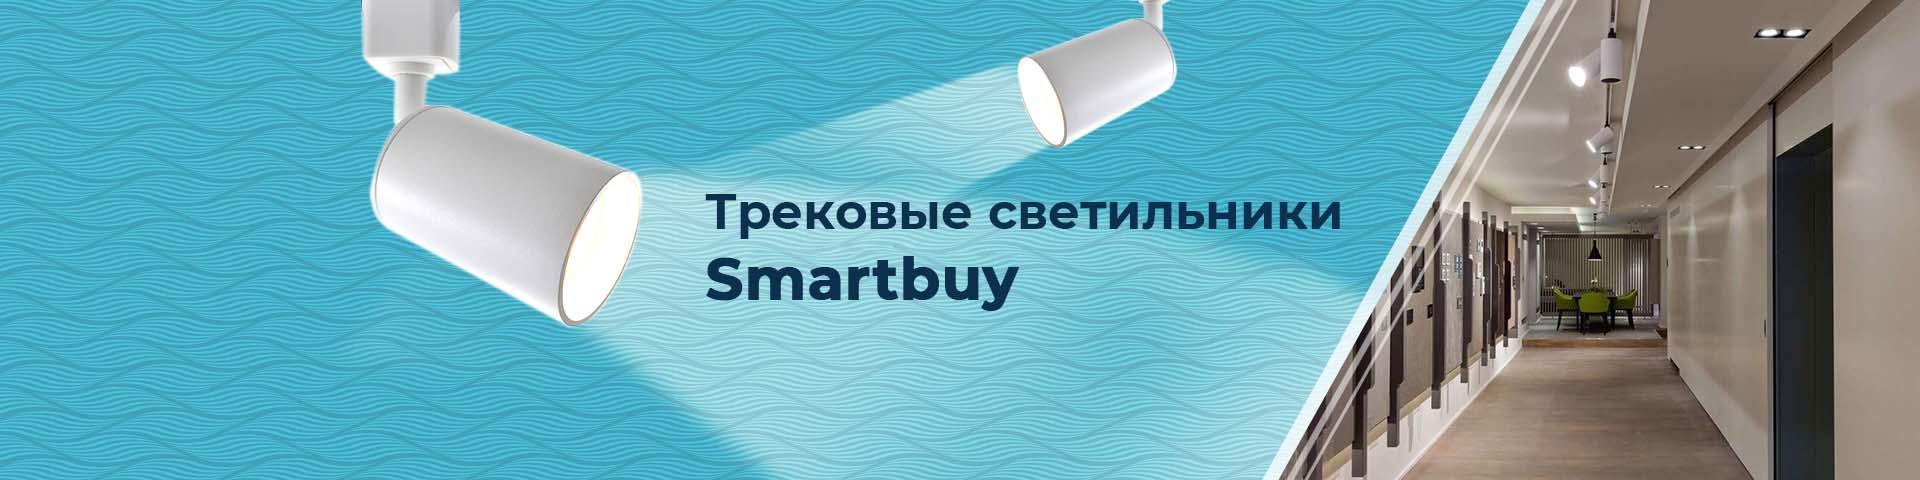 трековые светильники smartbuy